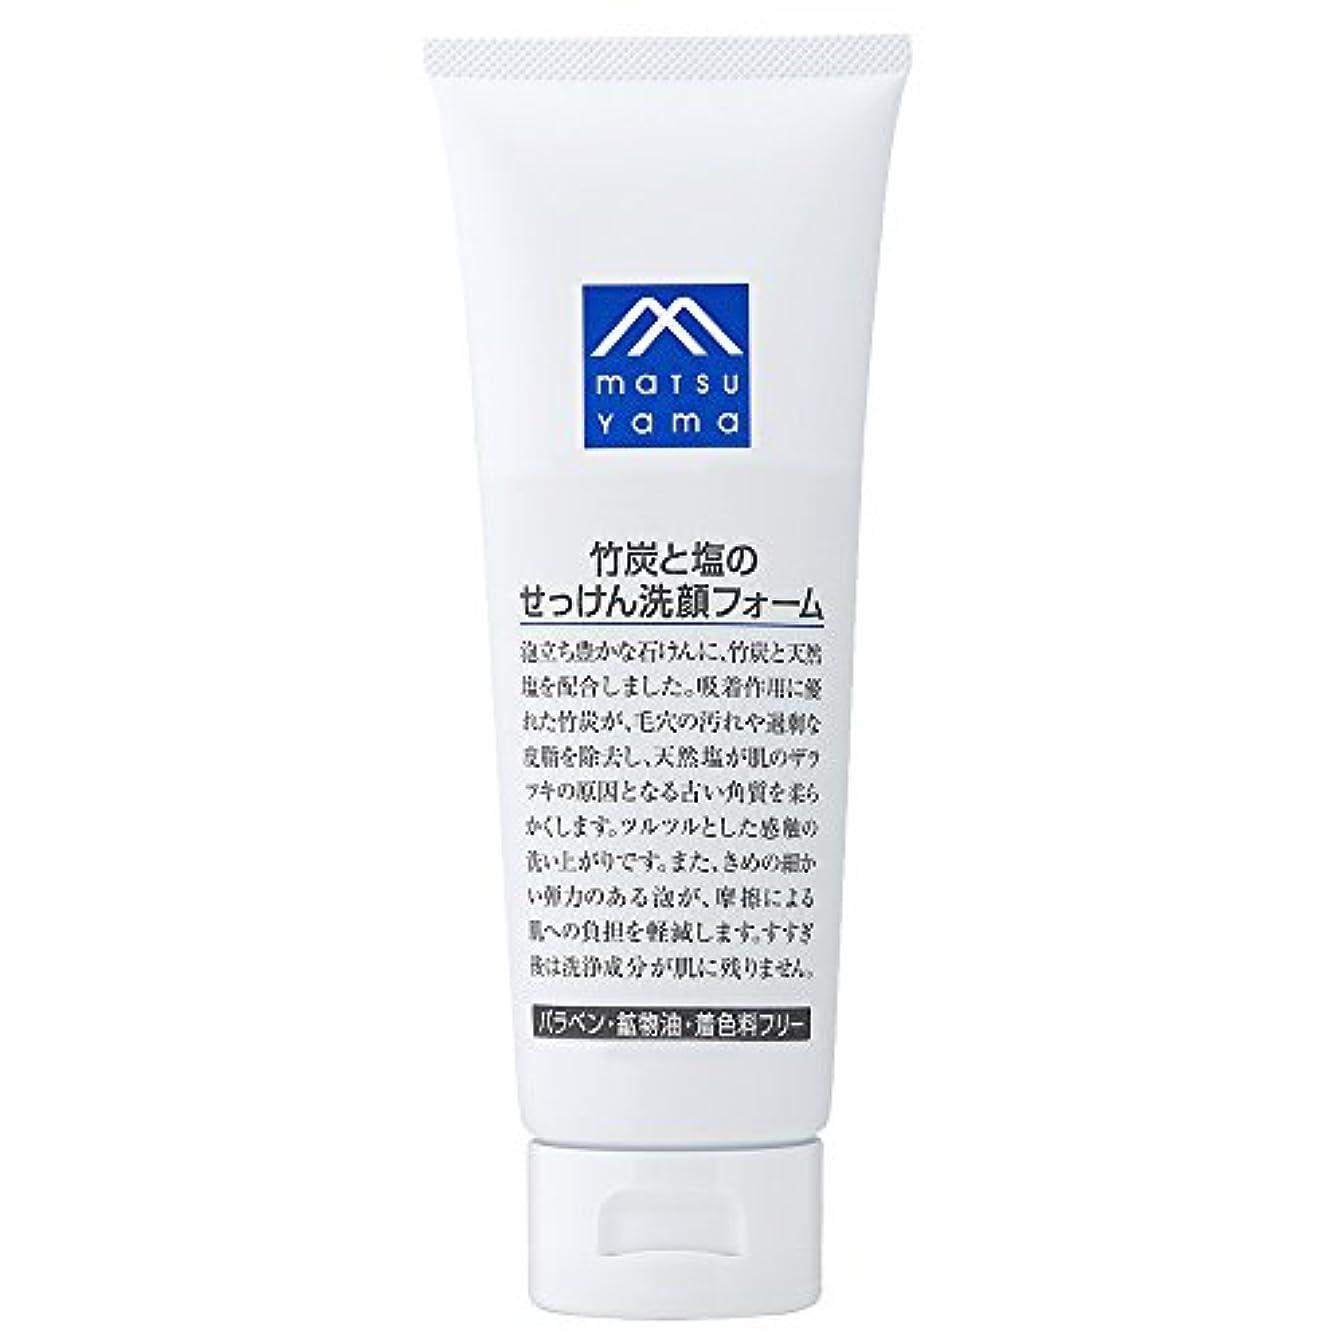 商標入るさまようM-mark 竹炭と塩のせっけん洗顔フォーム